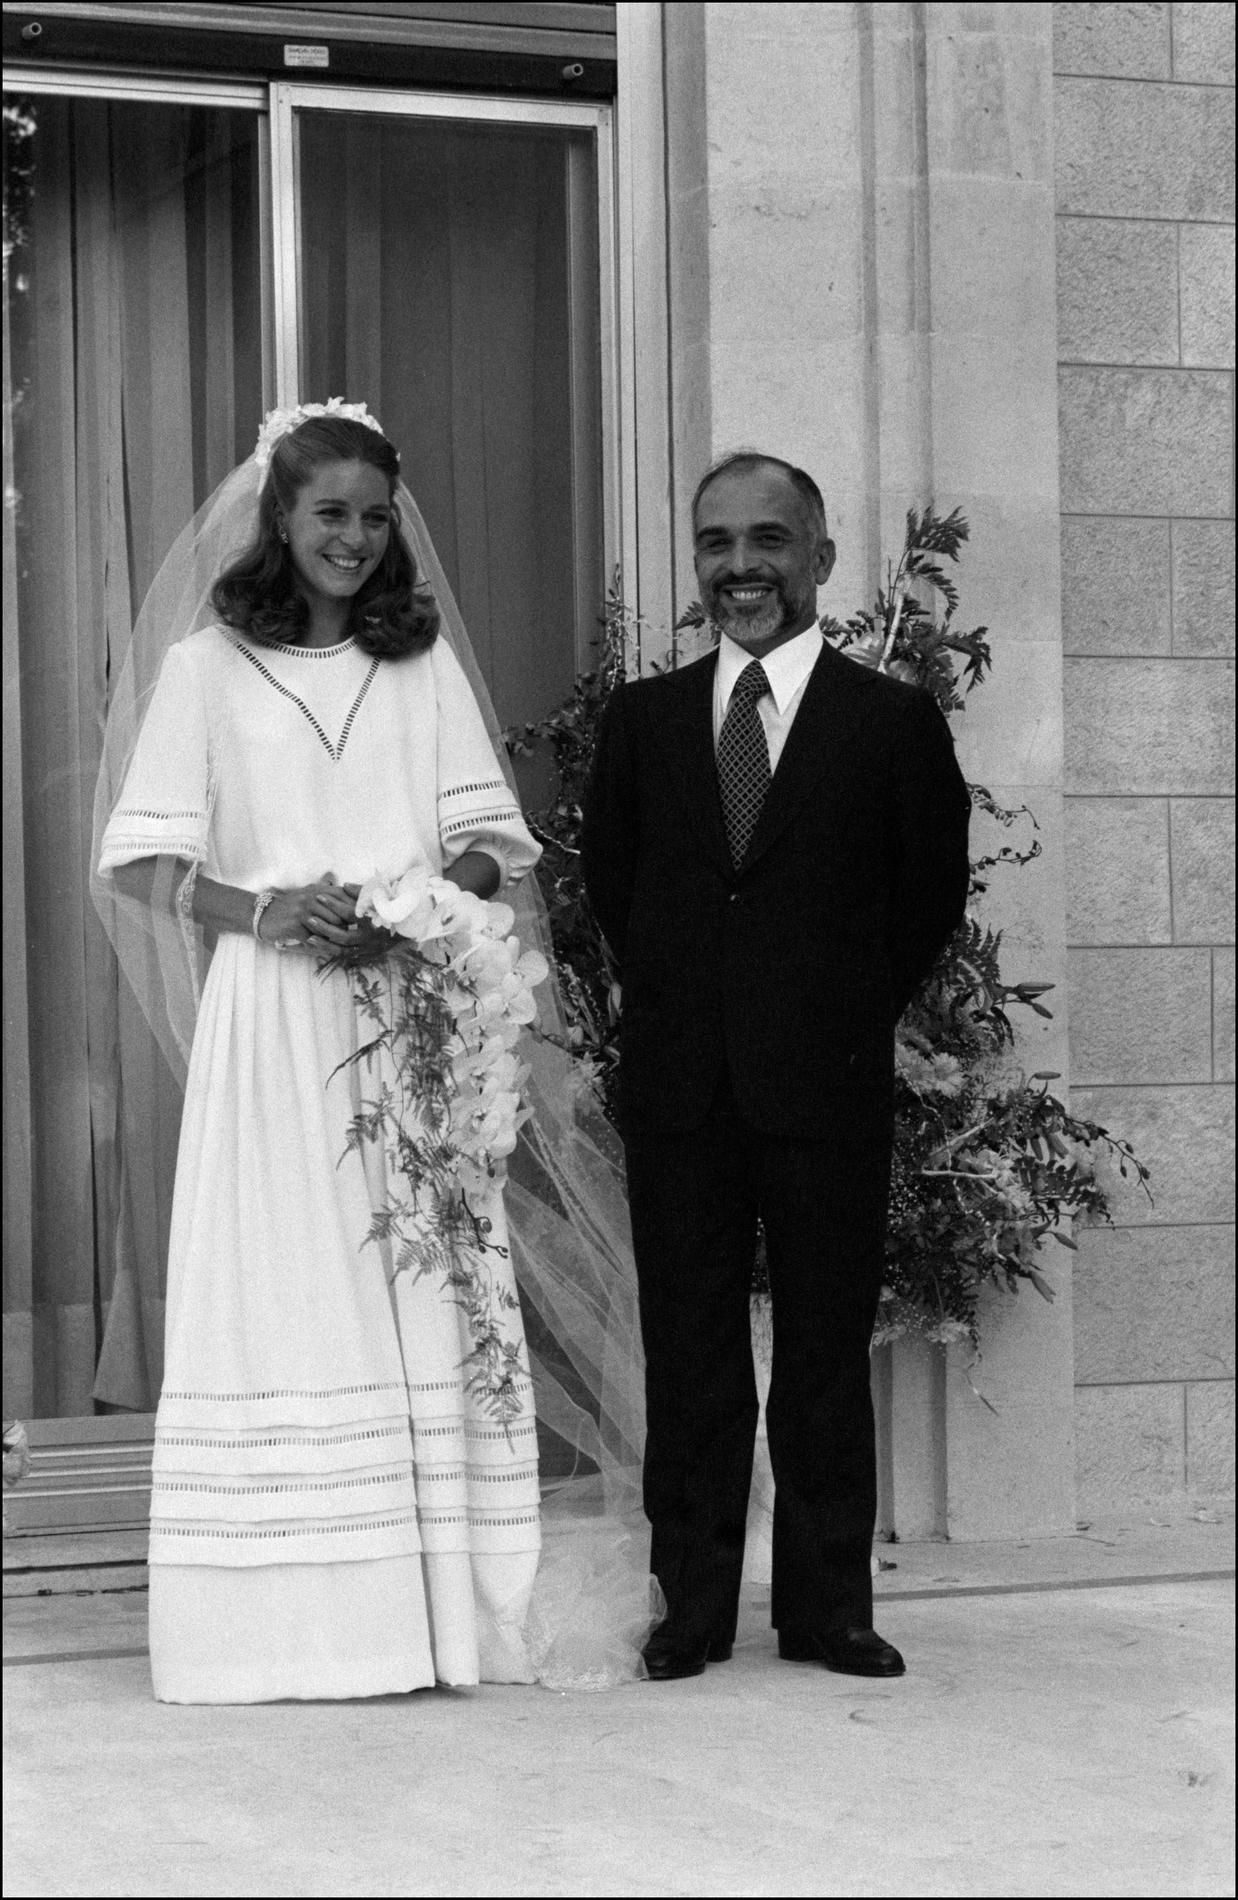 La Creatrice De La Robe De Mariee De Lady Diana Lance Une